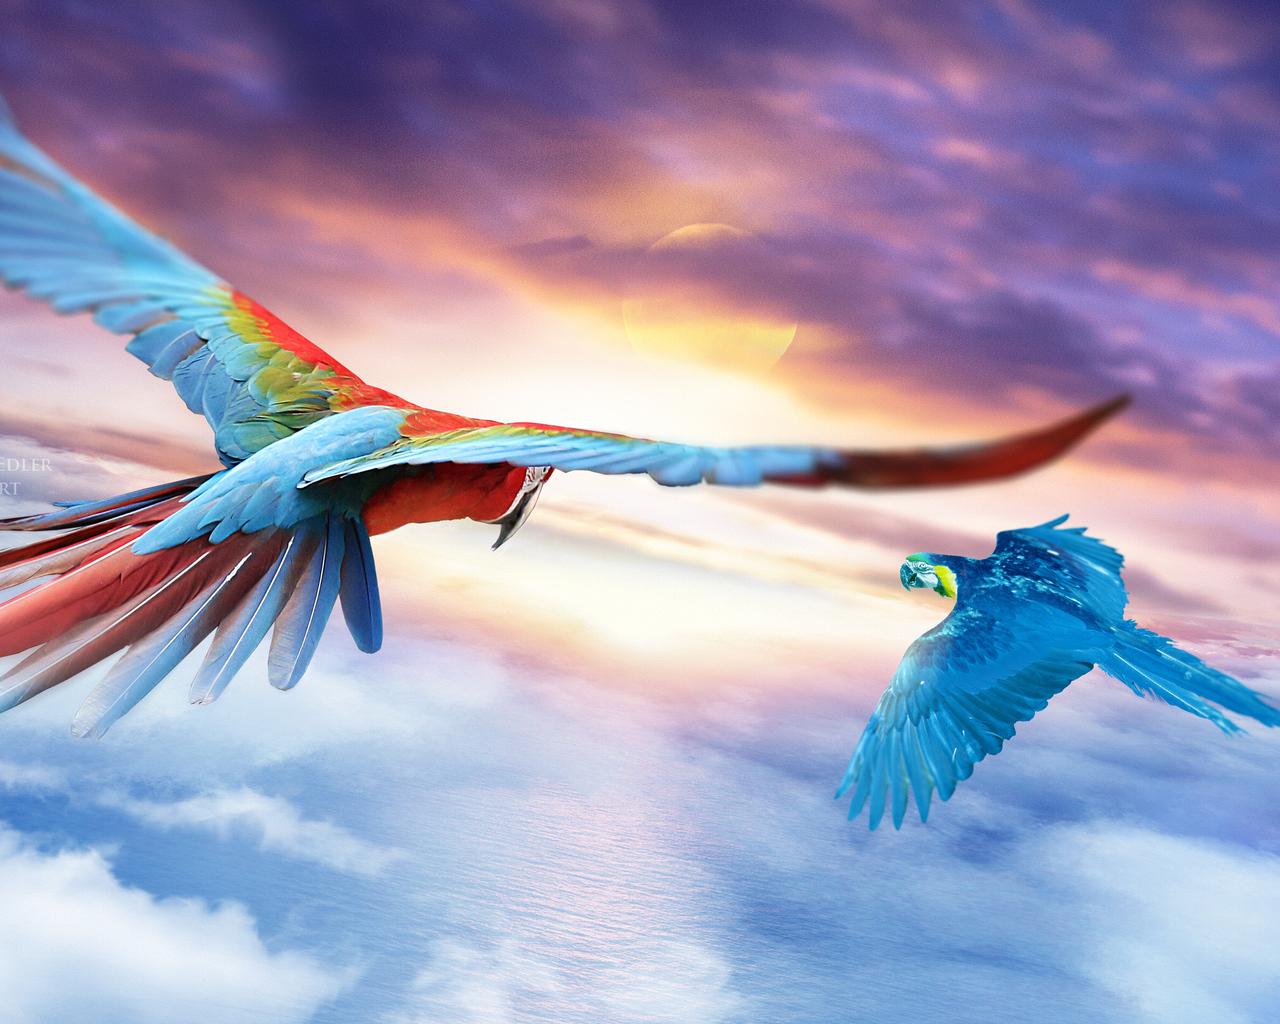 macaw-jounrey-4k-wx.jpg